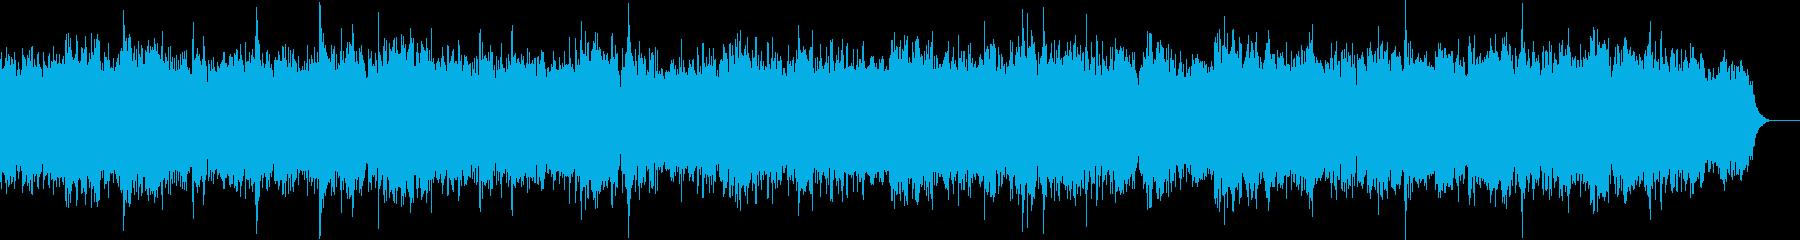 優しいほのぼのとした雰囲気のBGMの再生済みの波形